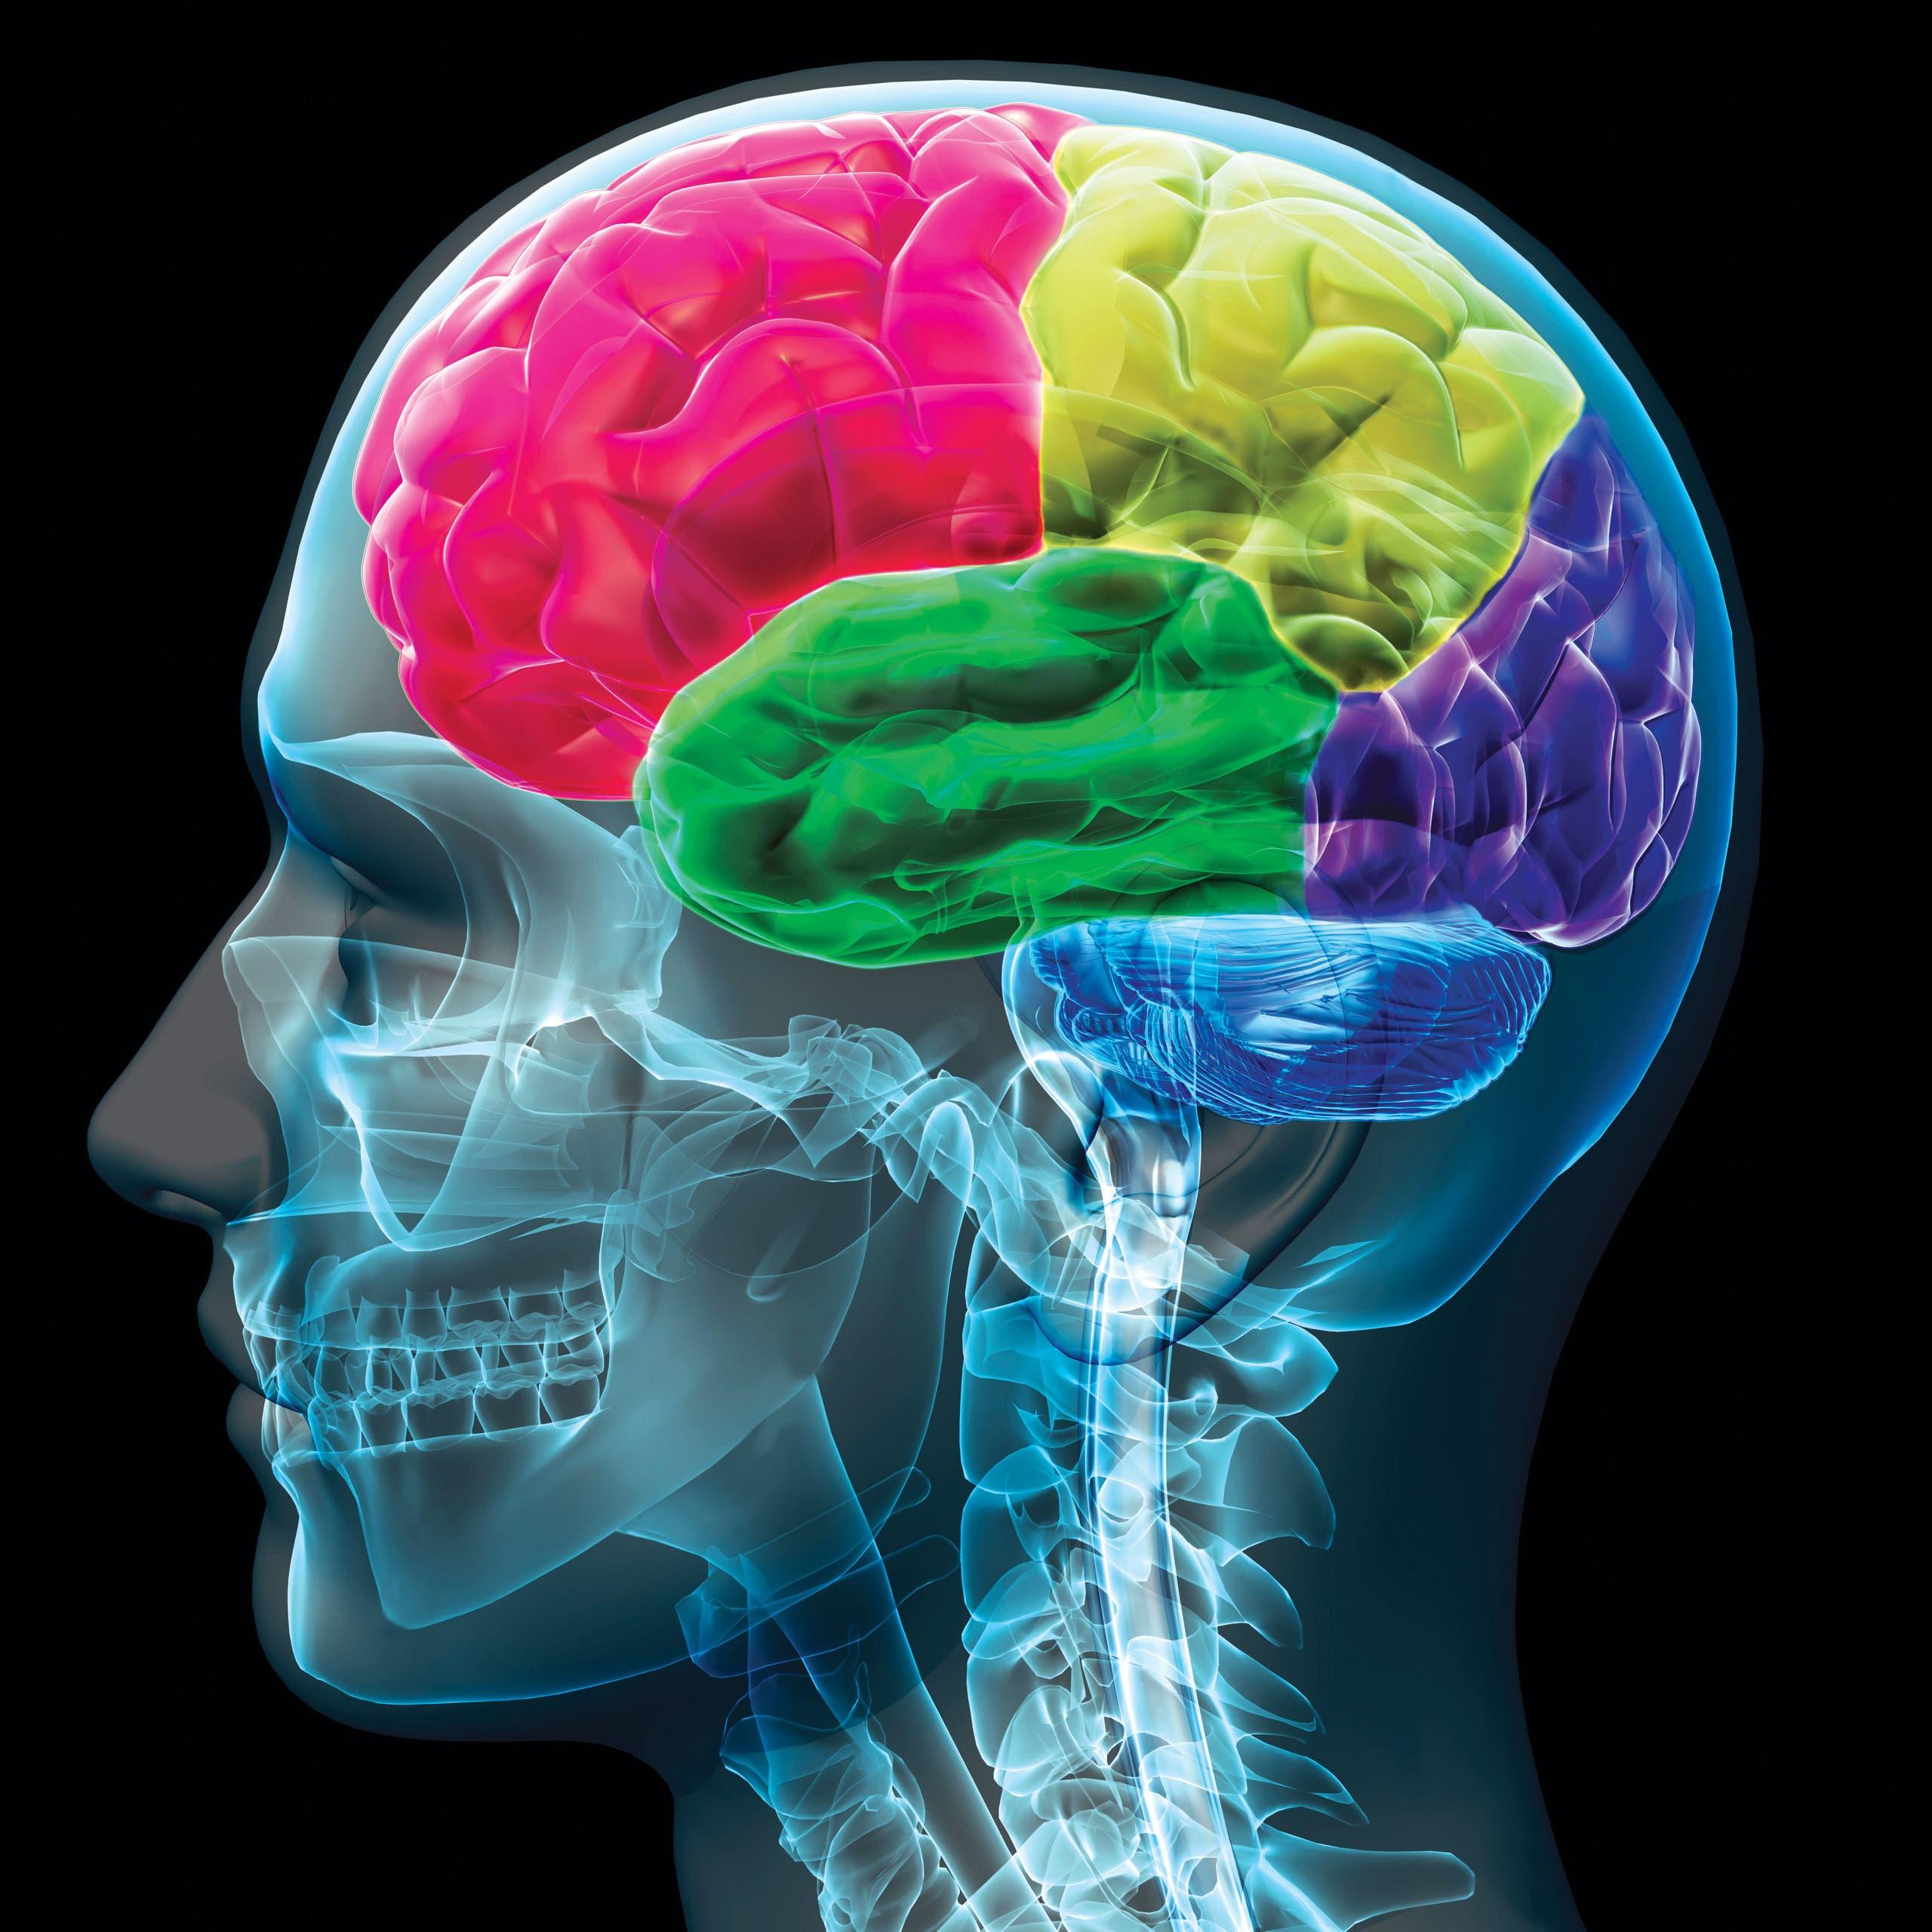 تم اكتشاف الخريطة الدماغية في أوائل القرن العشرين. وبيَّنت الدراسات أن الدماغ مجزأ إلى أقسام، يختص كل منها بأمر ما